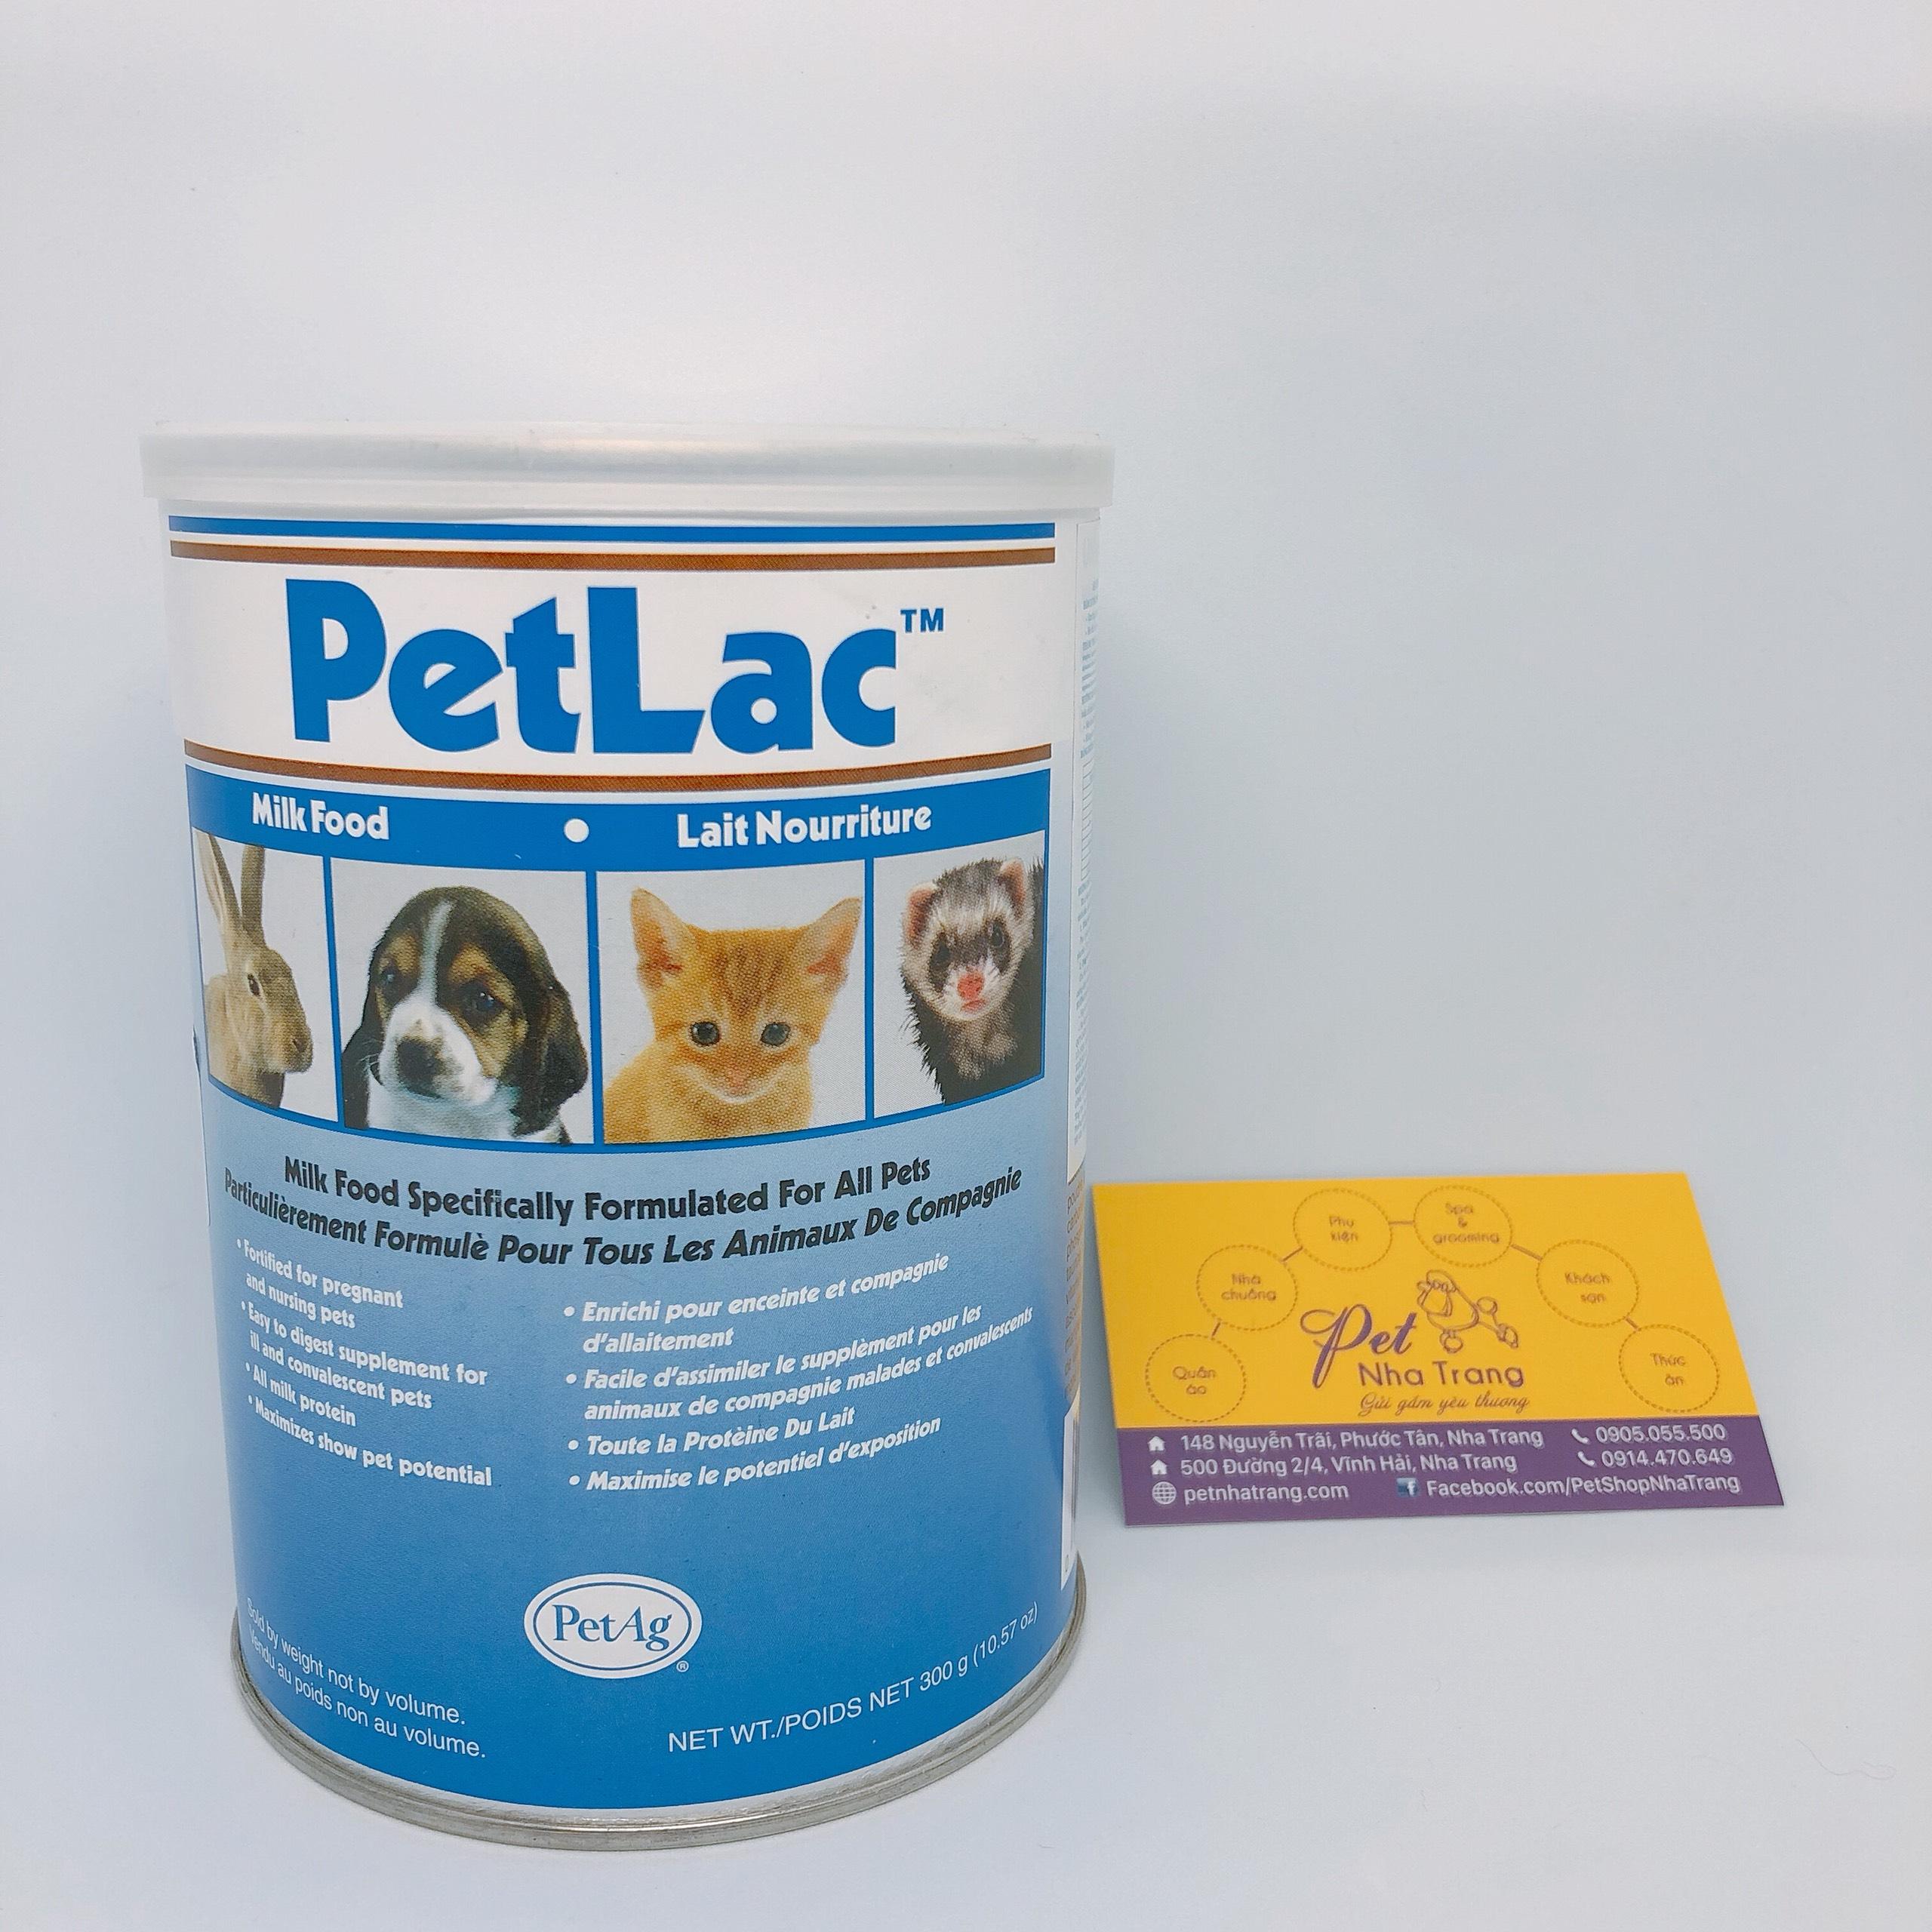 Sữa bột PetLac cho chó mèo Pet Nha Trang